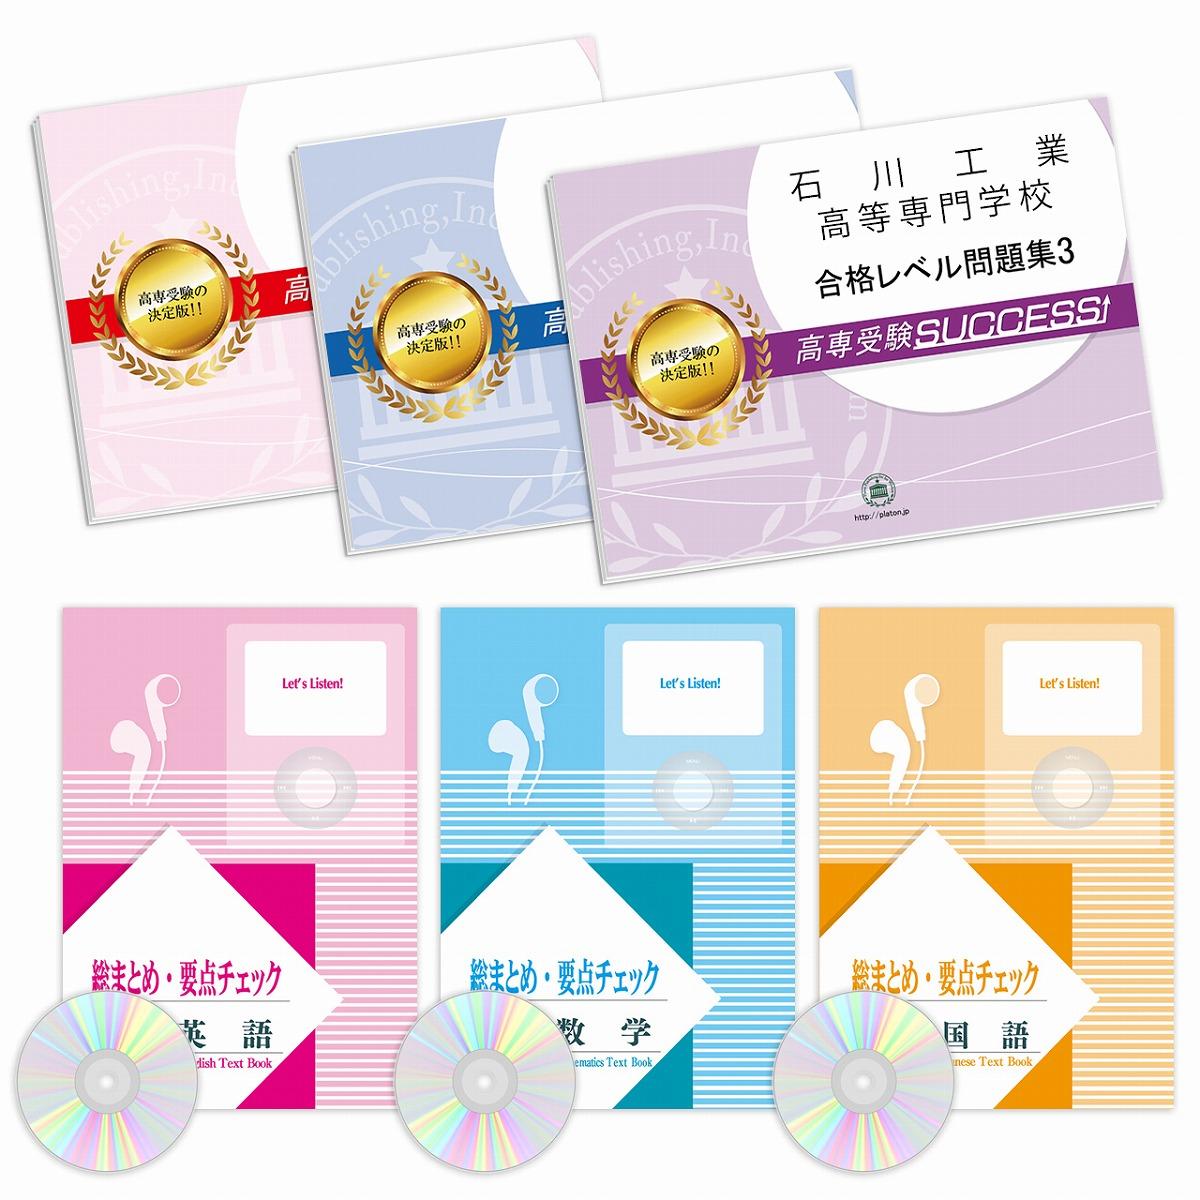 【送料・代引手数料無料】石川工業高等専門学校受験合格セット(6冊)